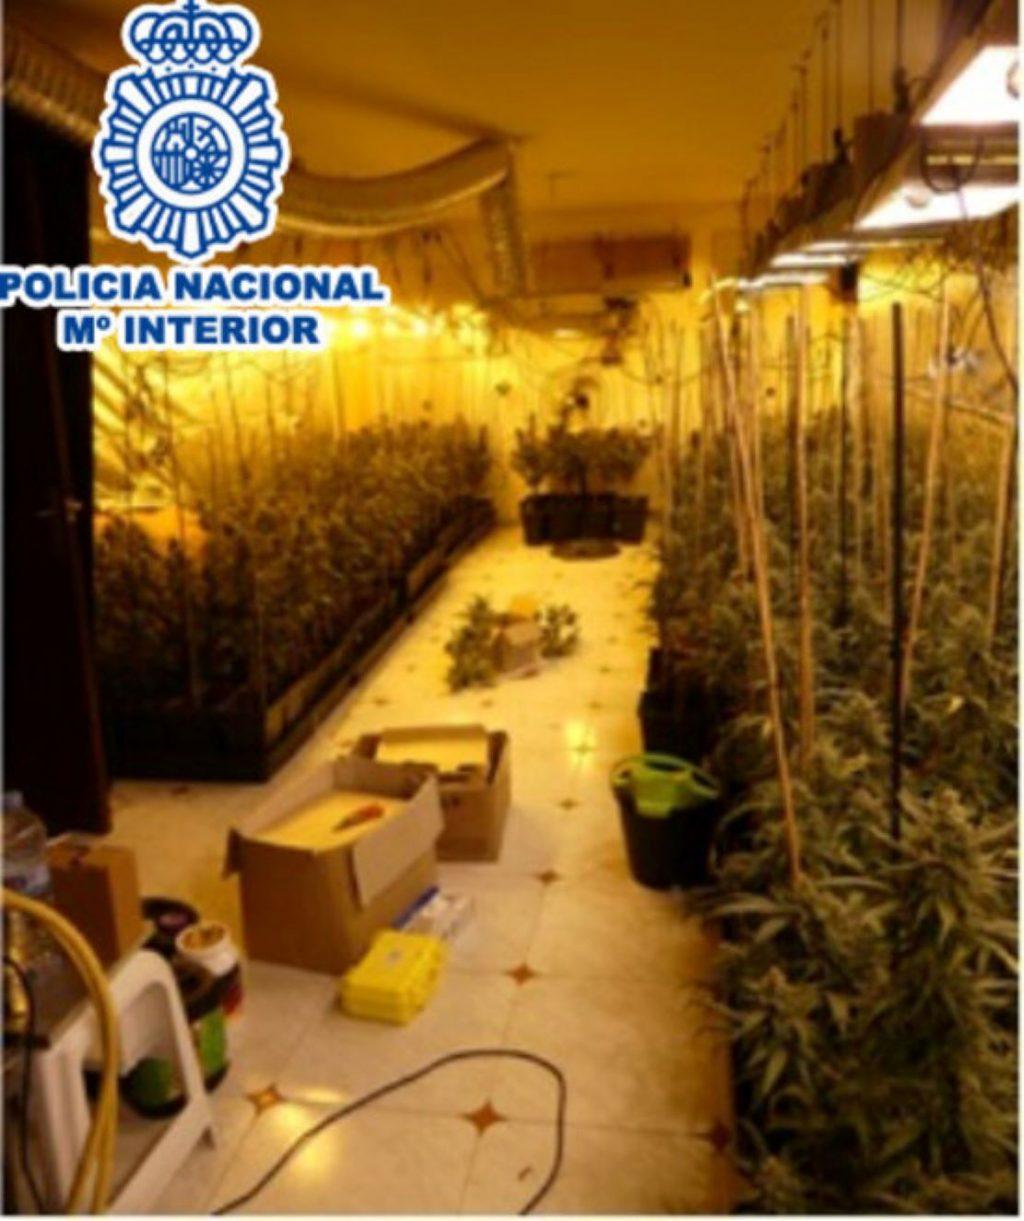 Cau una màfia de la marihuana que operava a ple de cases okupades al Baix Llobregat